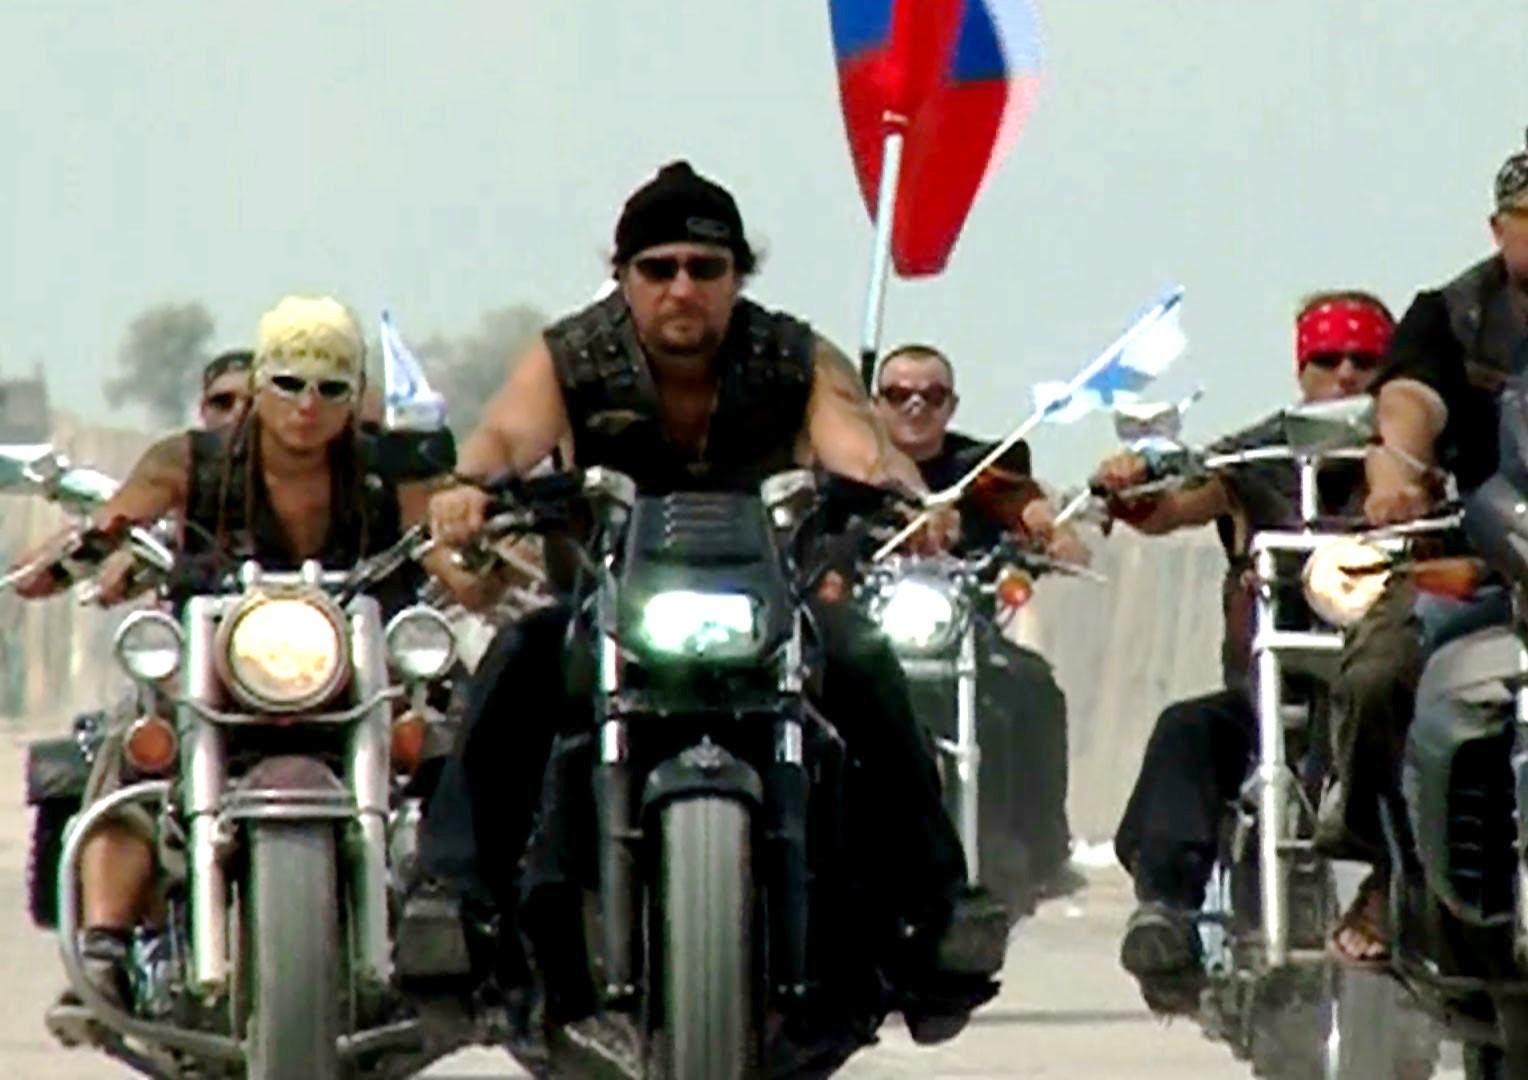 """""""Нощни вълци"""" е руски рокерски клуб, смятан за близък до"""